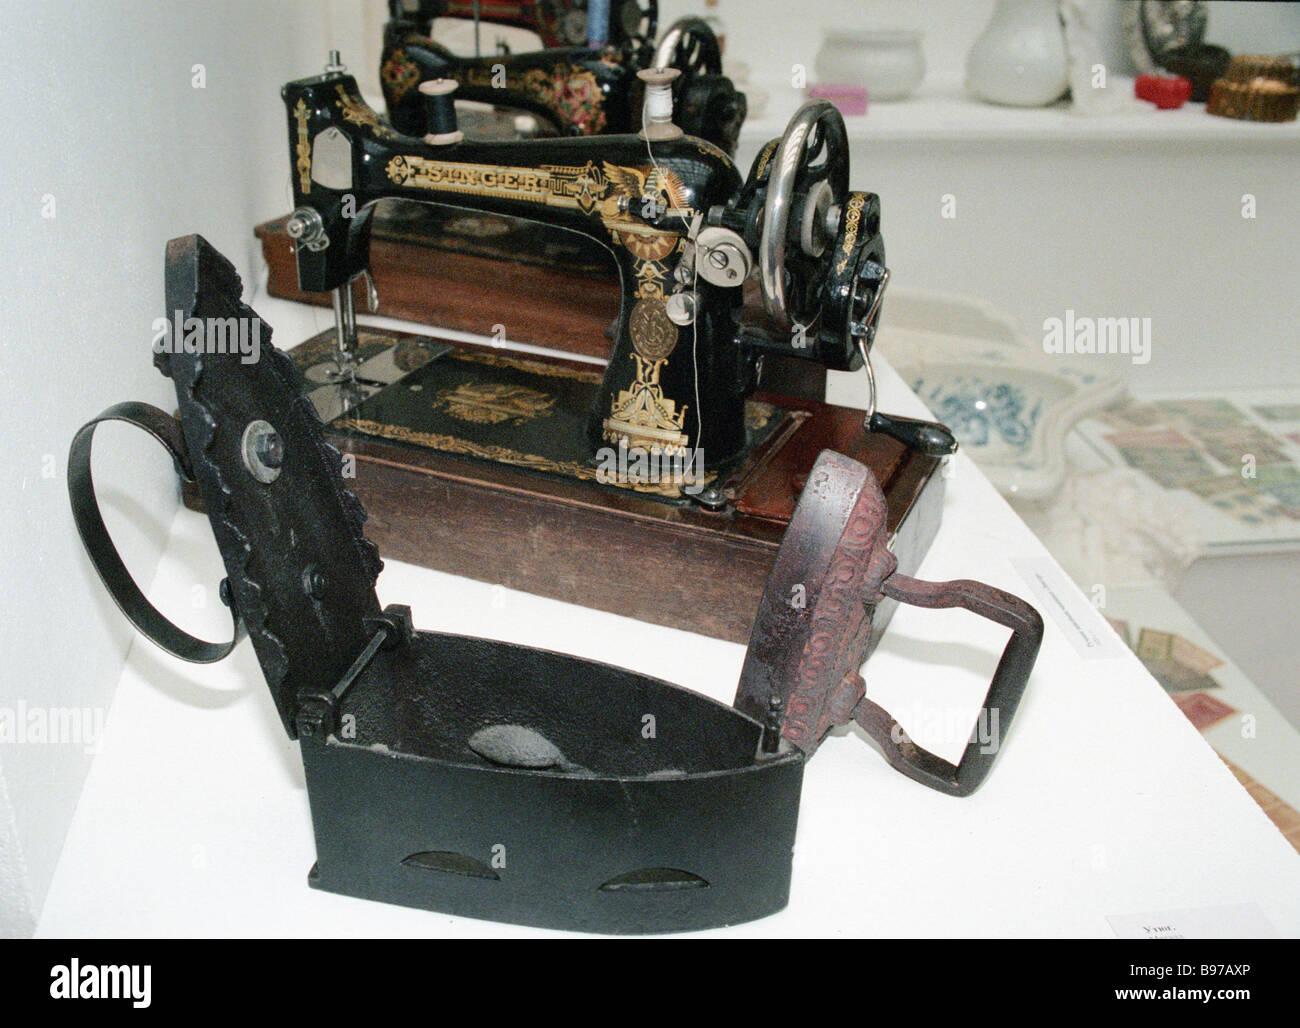 Un inizio xx secolo Zinger macchina da cucire e ferro con la mostra buona per il xx secolo nella exhibition hall Immagini Stock